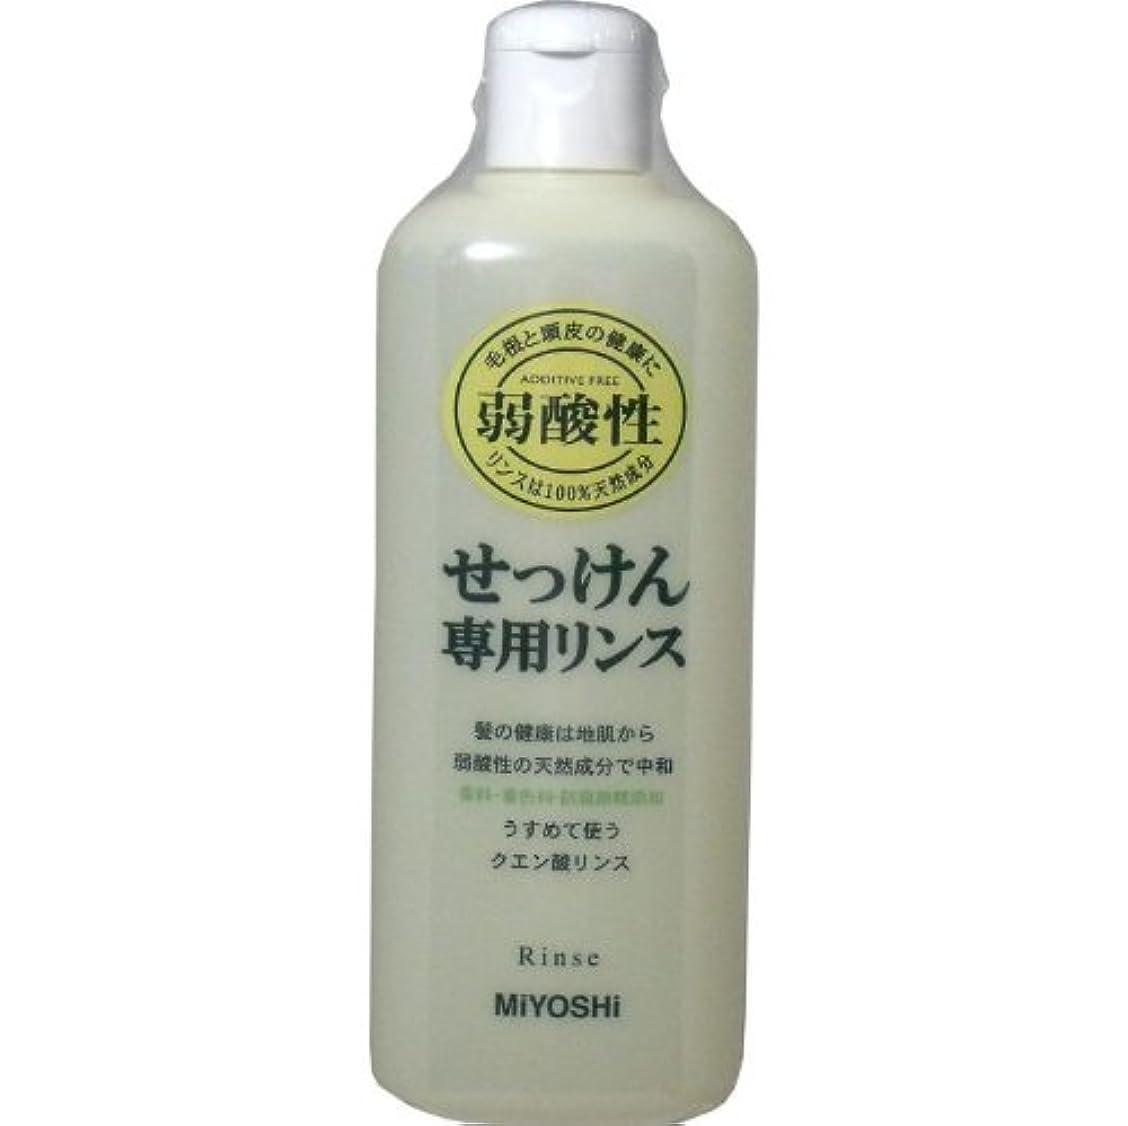 見かけ上ハドルジャンプする髪の健康は地肌から、弱酸性の天然成分で中和!!香料、防腐剤、着色料無添加!うすめて使うクエン酸リンス!リンス 350mL